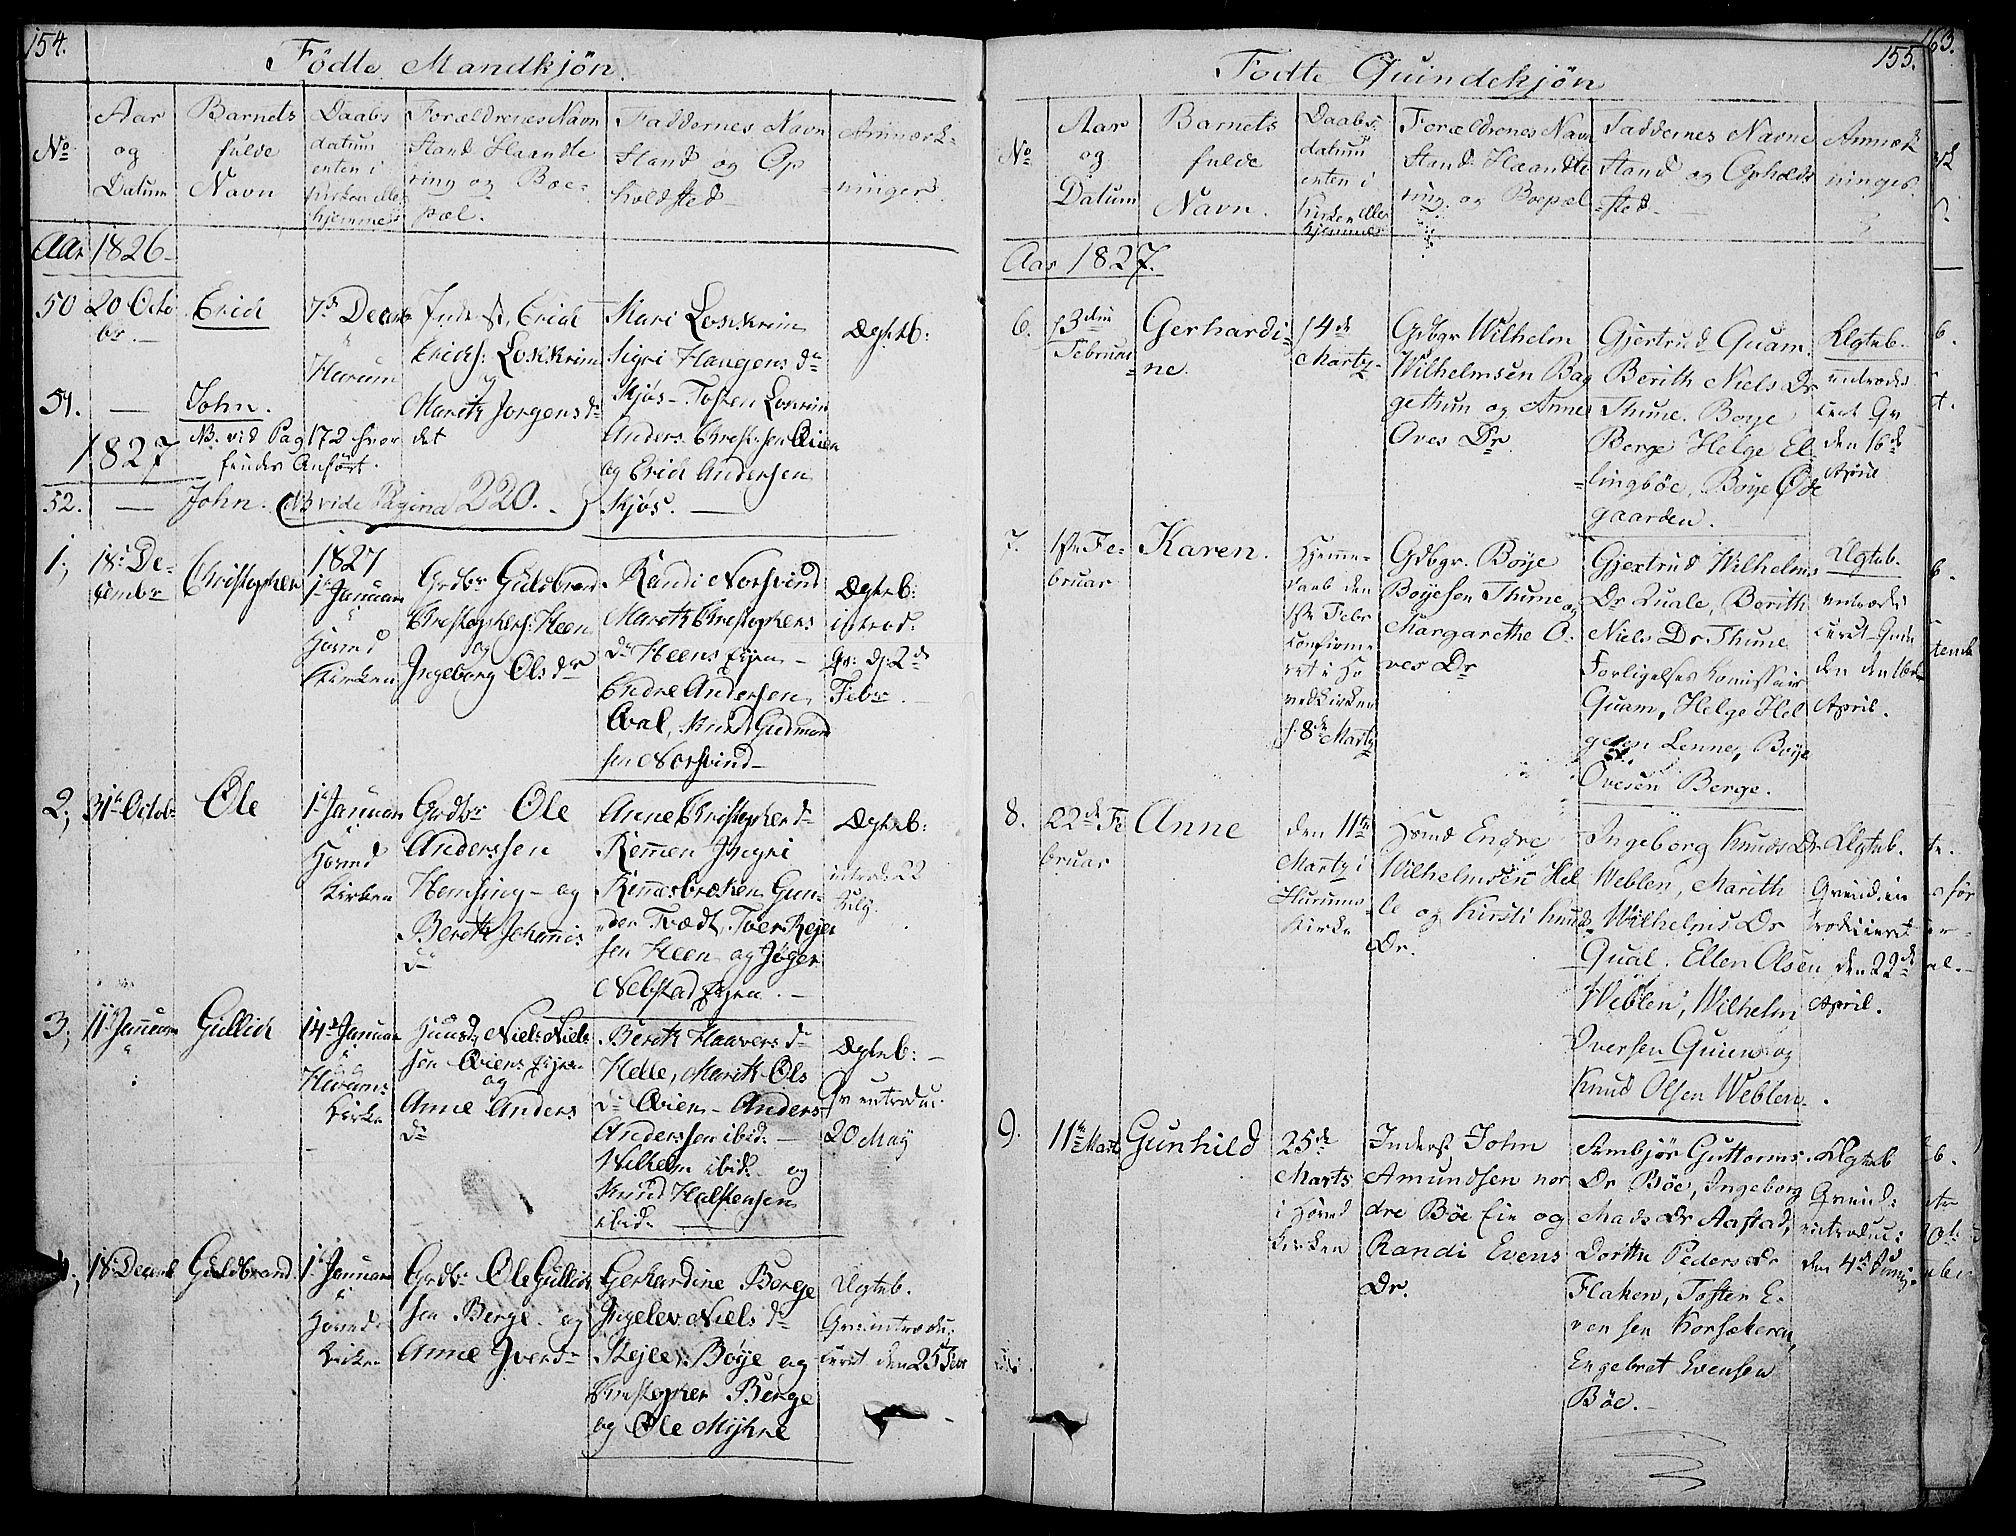 SAH, Vang prestekontor, Valdres, Ministerialbok nr. 3, 1809-1831, s. 154-155